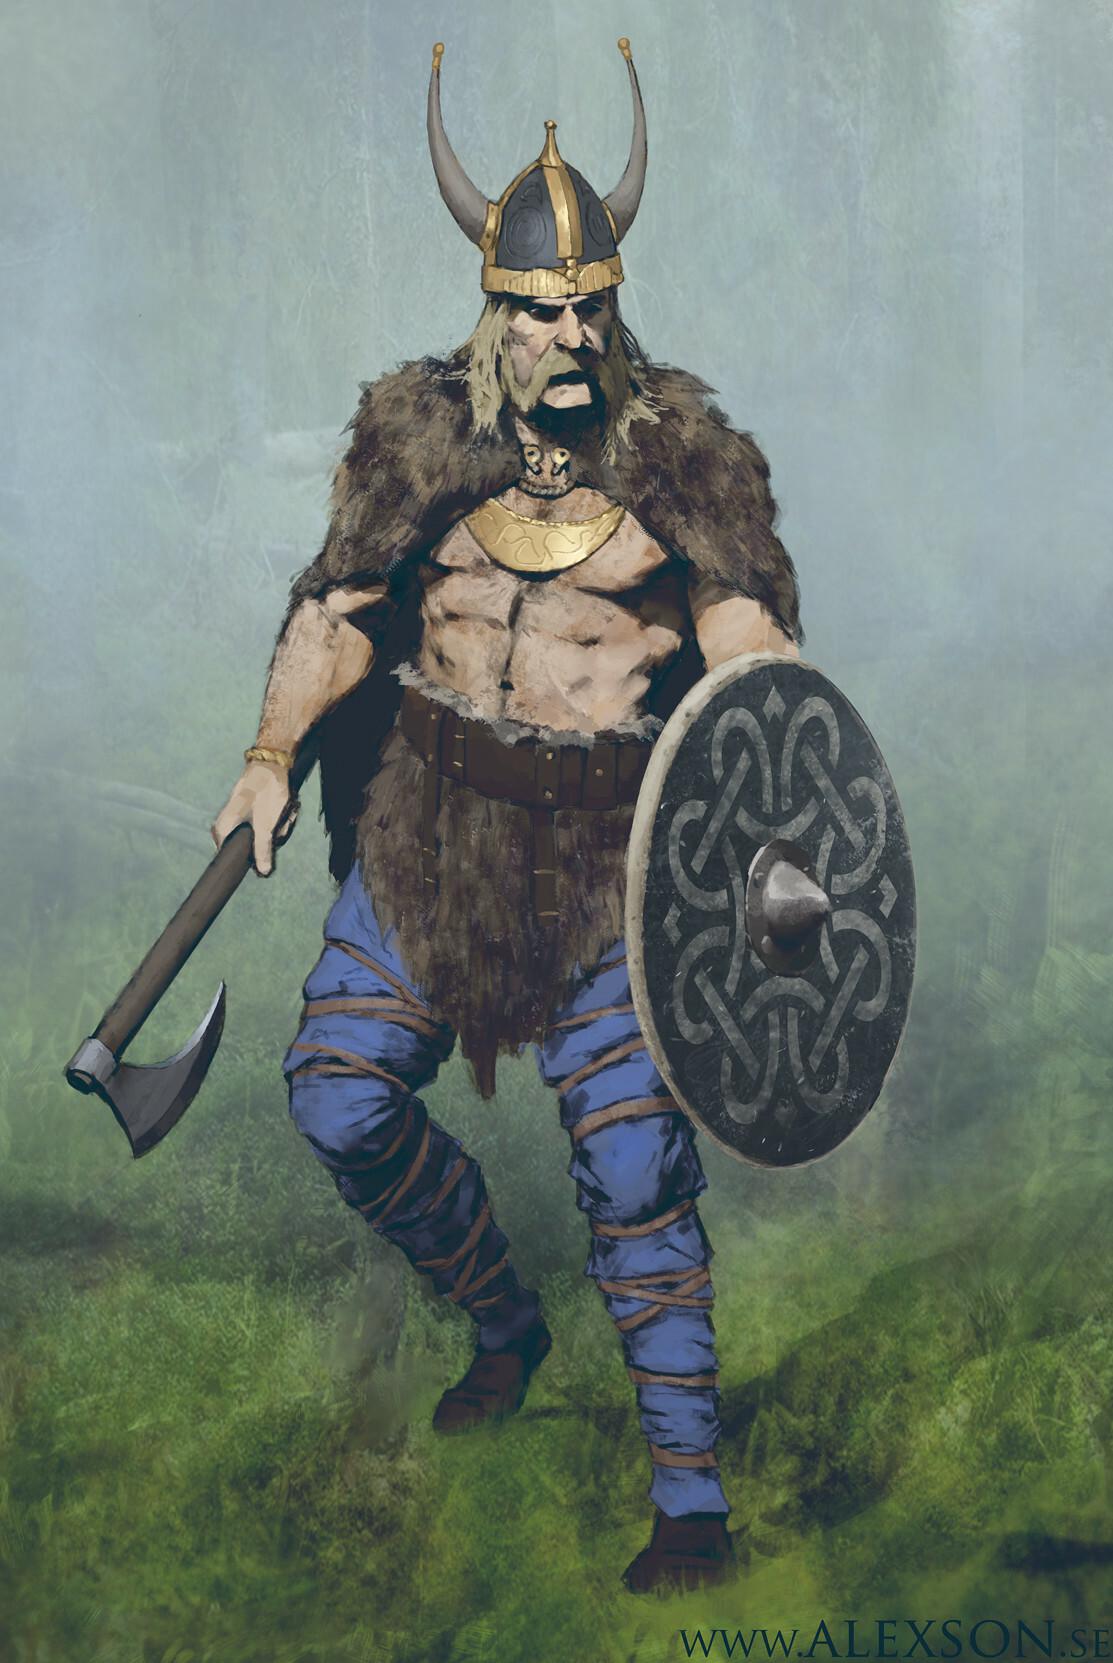 Alexander forssberg alexander forssberg vikingdude1